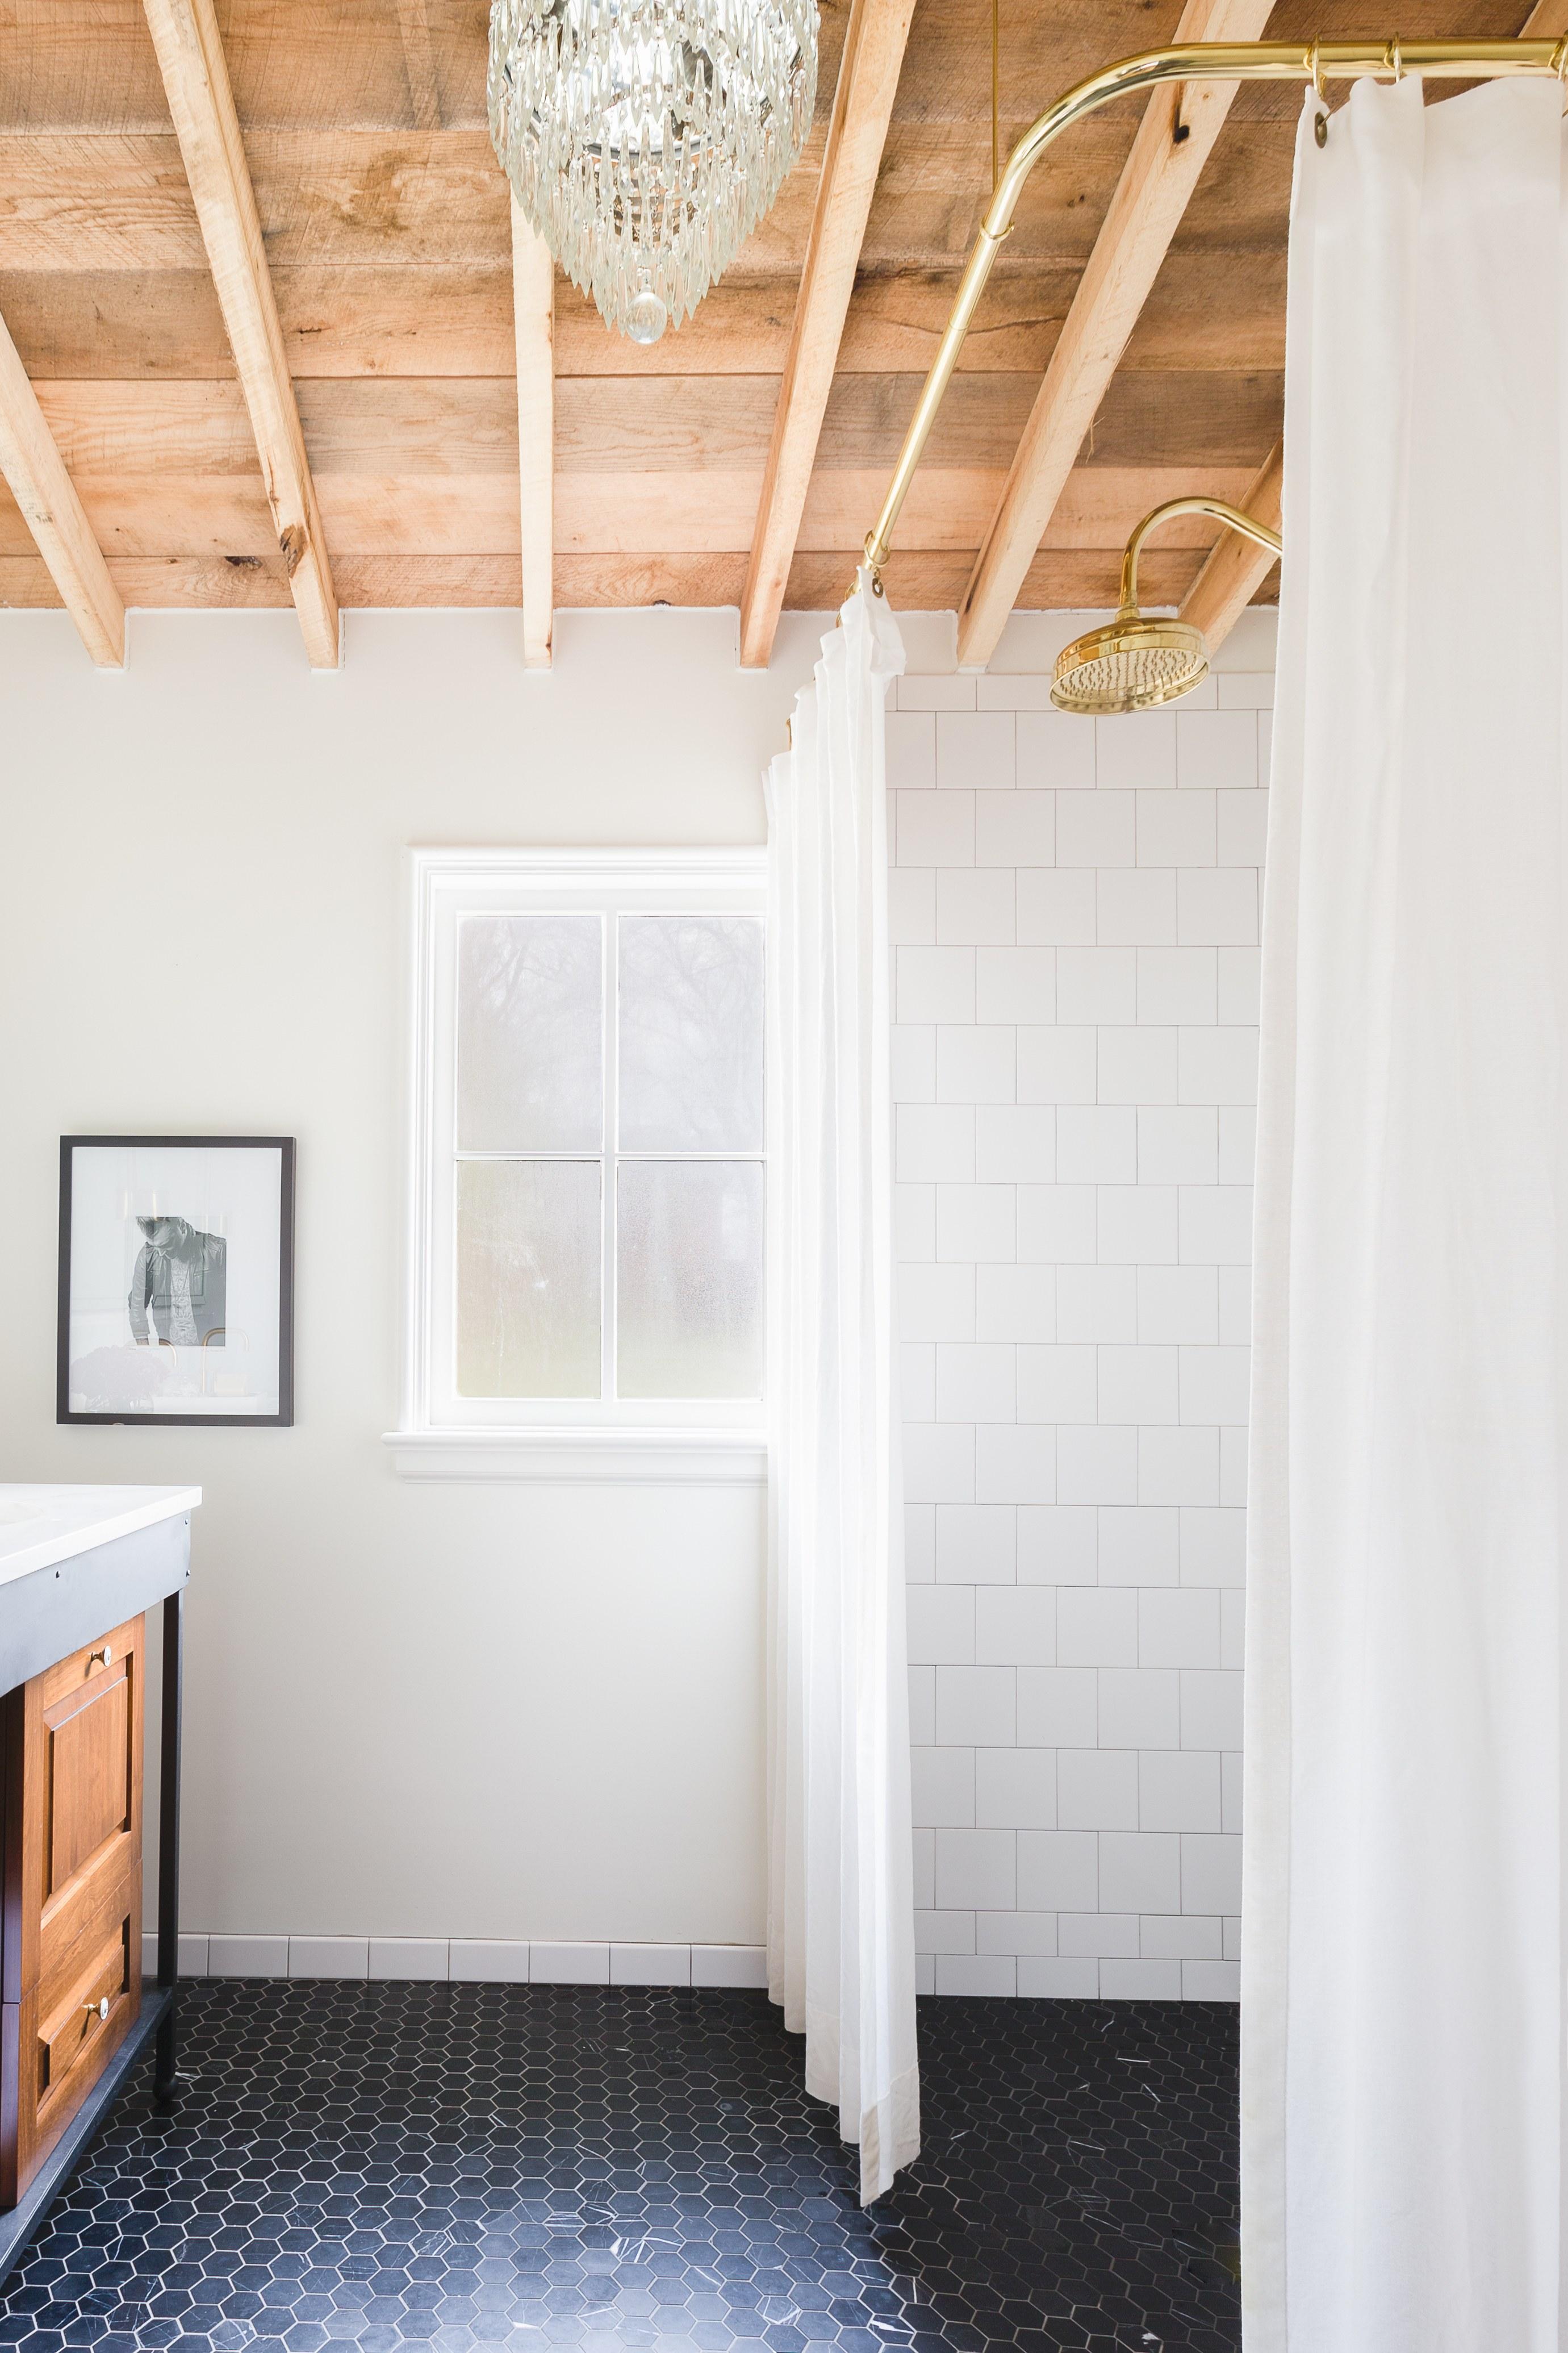 banheiro-de-designer-com-janela-paredes-brancas-e-ladrilhos-hexagonais